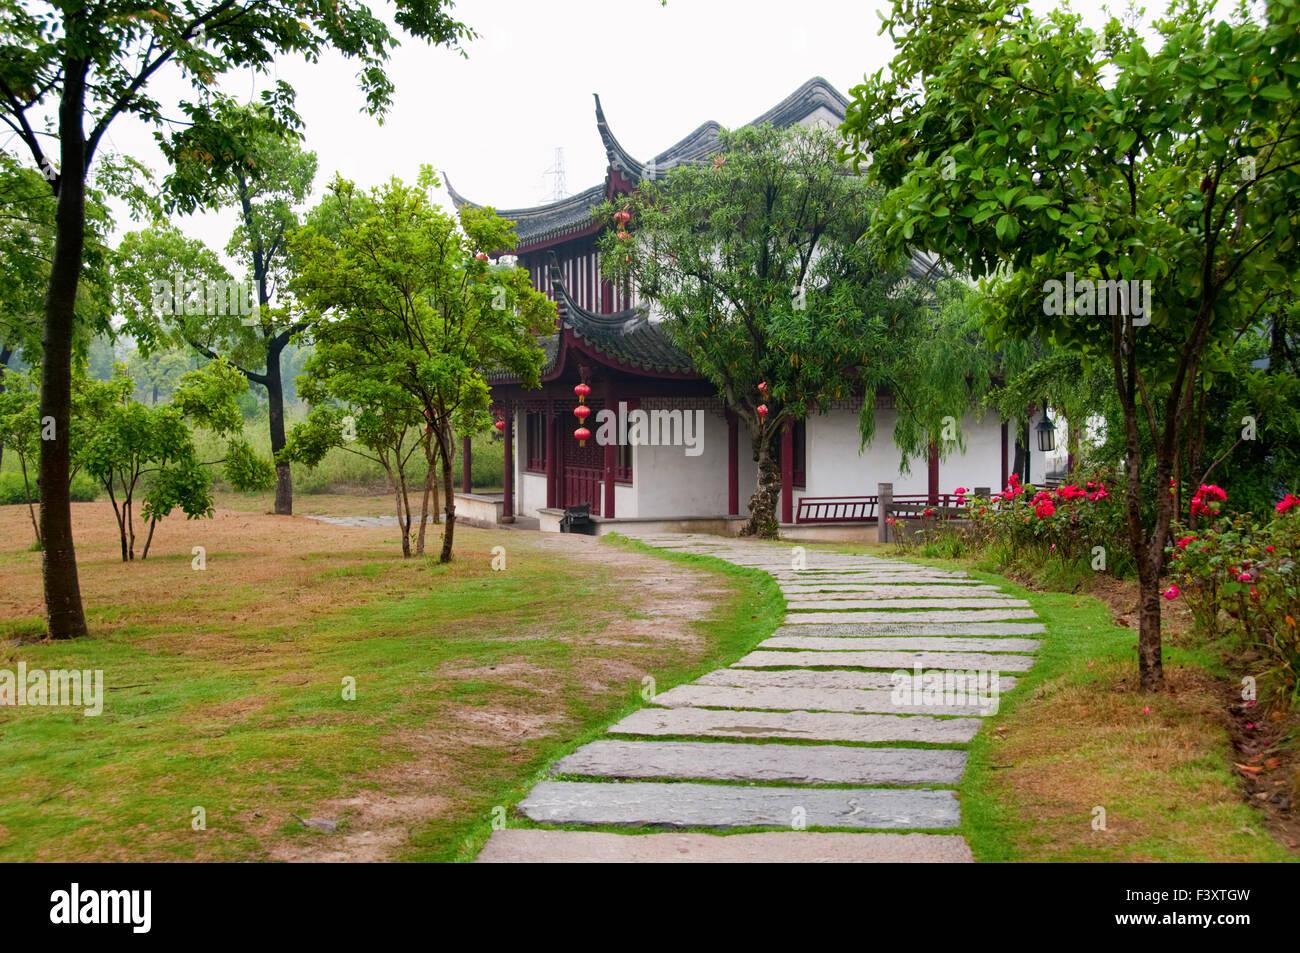 pavilion house photos & pavilion house images - alamy